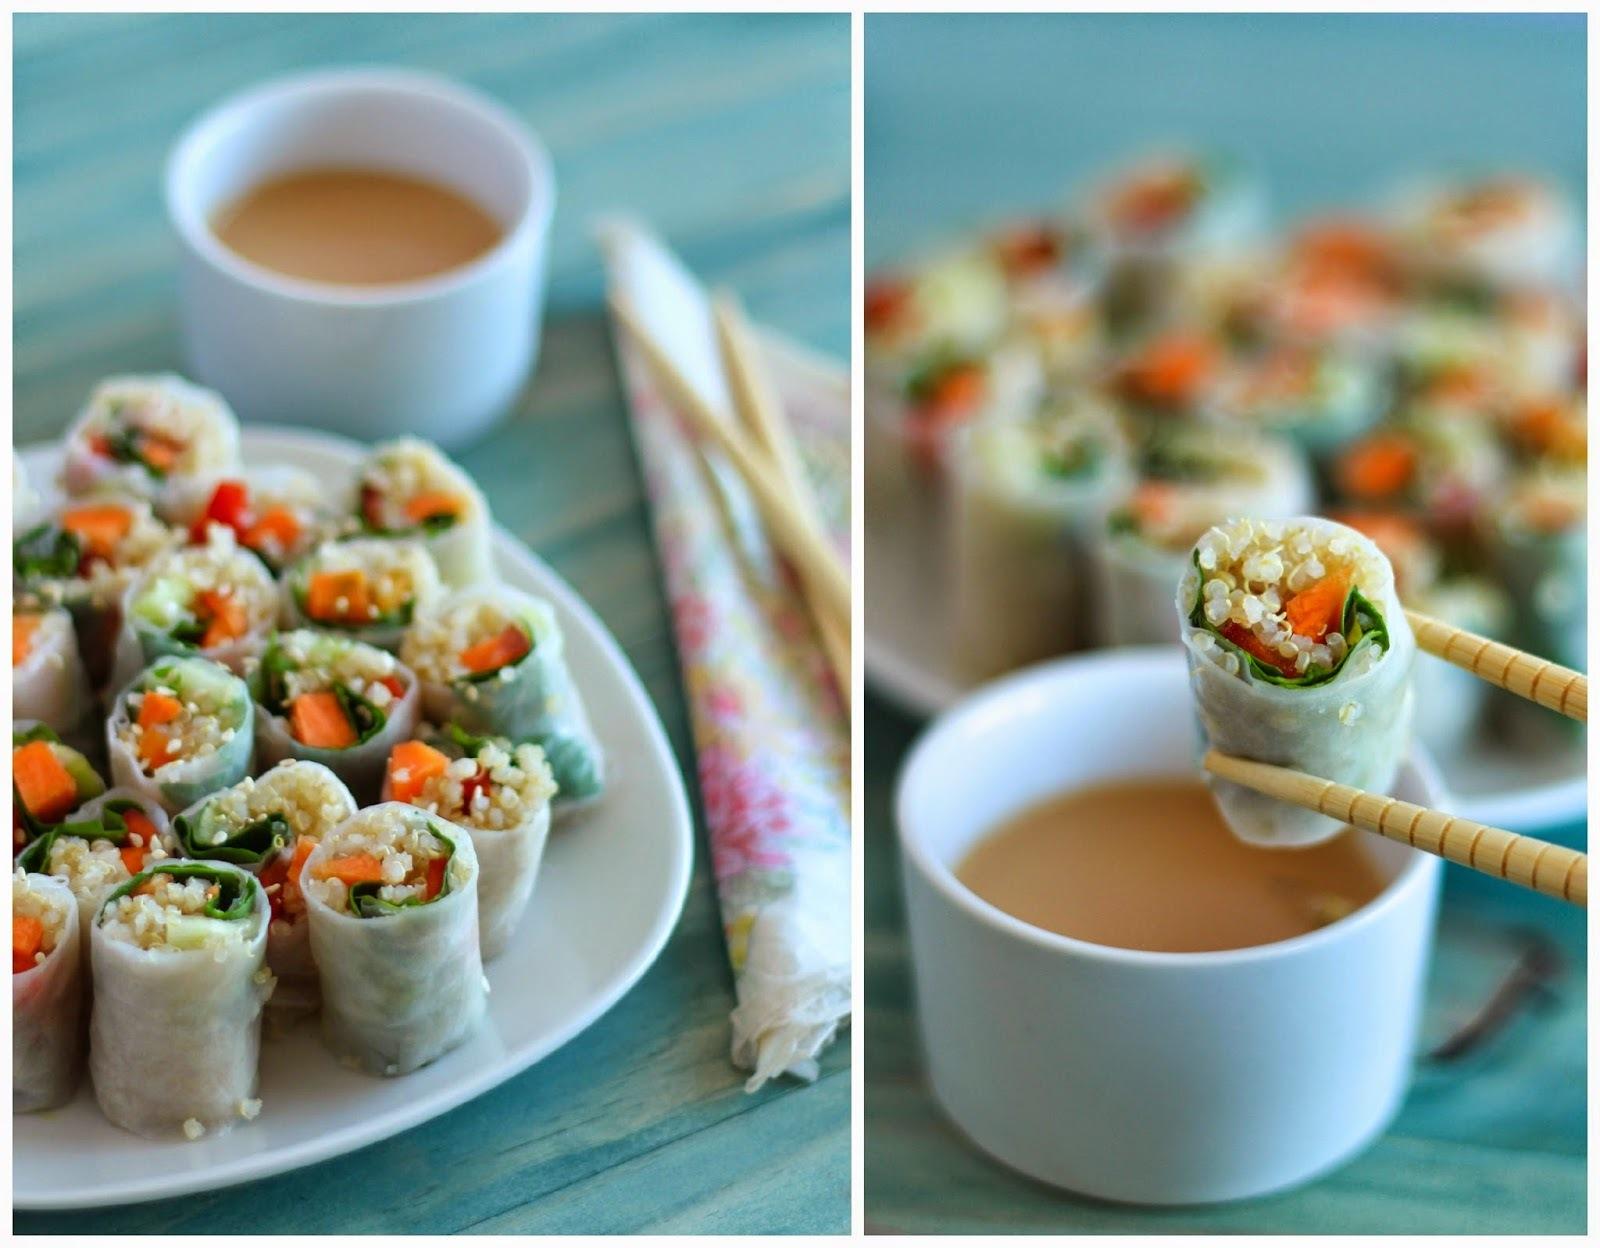 Receta: Spring rolls de quinoa y verduras